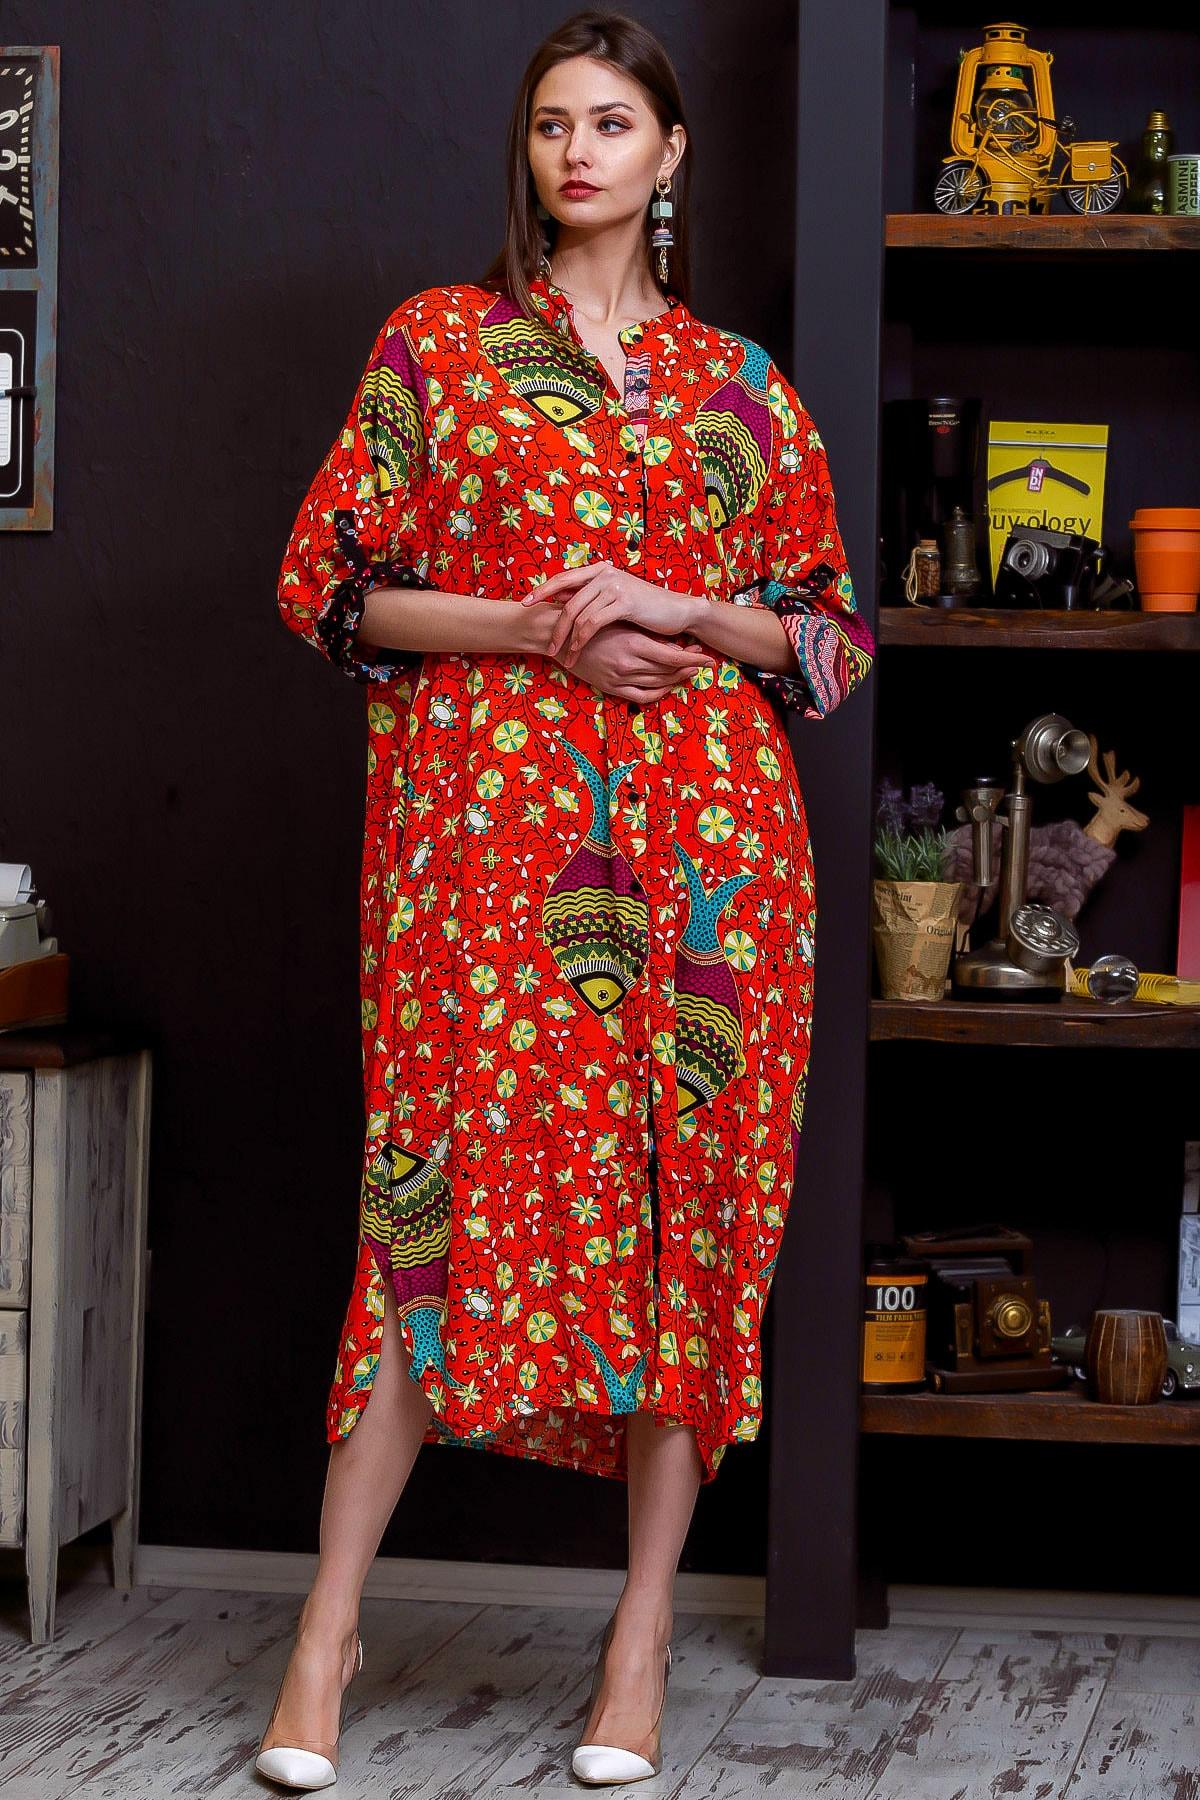 Chiccy Kadın Nar Çiçeği Çini Balık Desenli Düğmeli Salaş Dokuma Gömlek Elbise M10160000EL95904